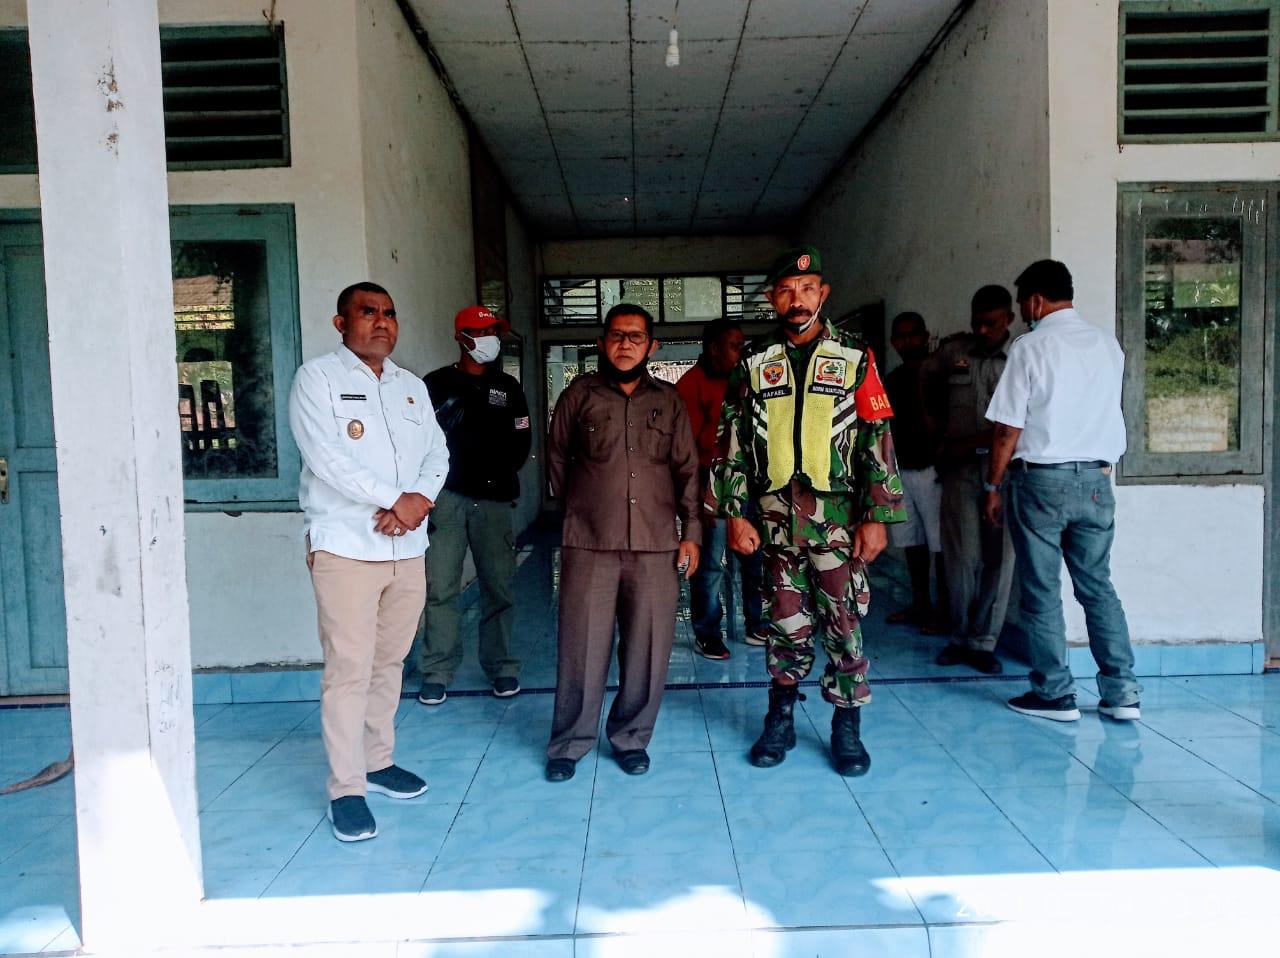 Wakil Bupati Flotim Agus Boli, Pimpin Musyawarah Bersama, Terkait Hunian Sementara Pengungsi Di Waiwerang Kota.